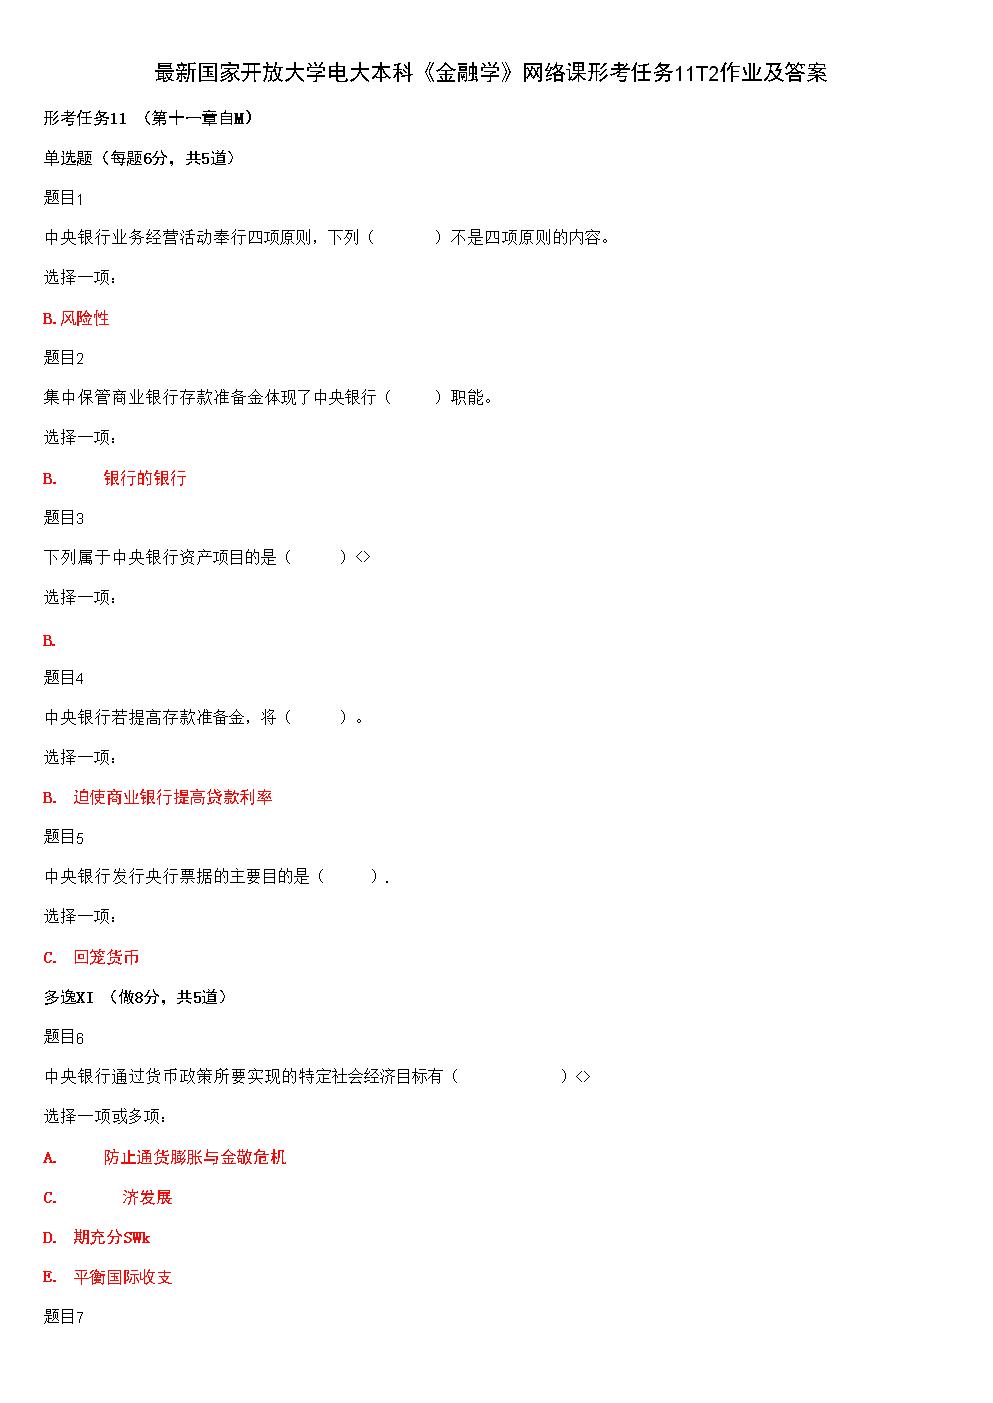 (精華版)最新國家開放大學電大本科《金融學》網絡課形考任務11-12作業及答案.docx